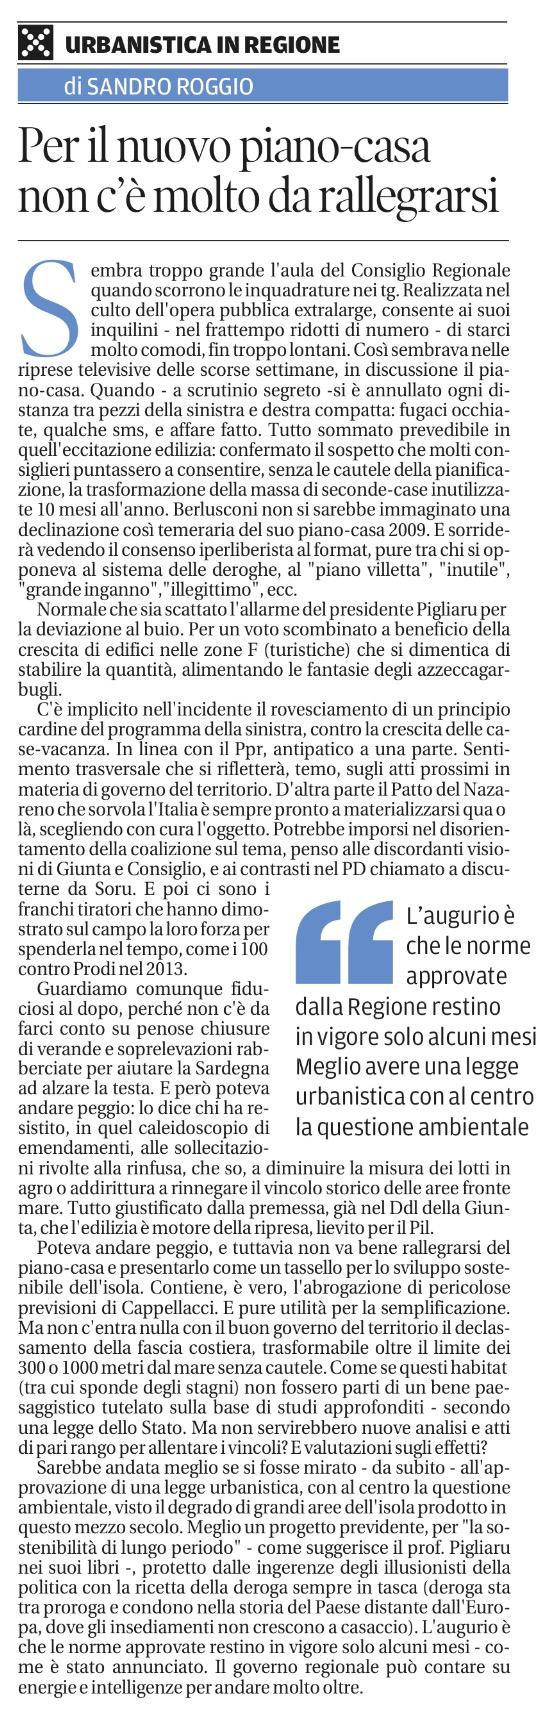 Ricorso Avverso La Nuova Legge Edilizia In Sardegna Gruppo D Intervento Giuridico Odv